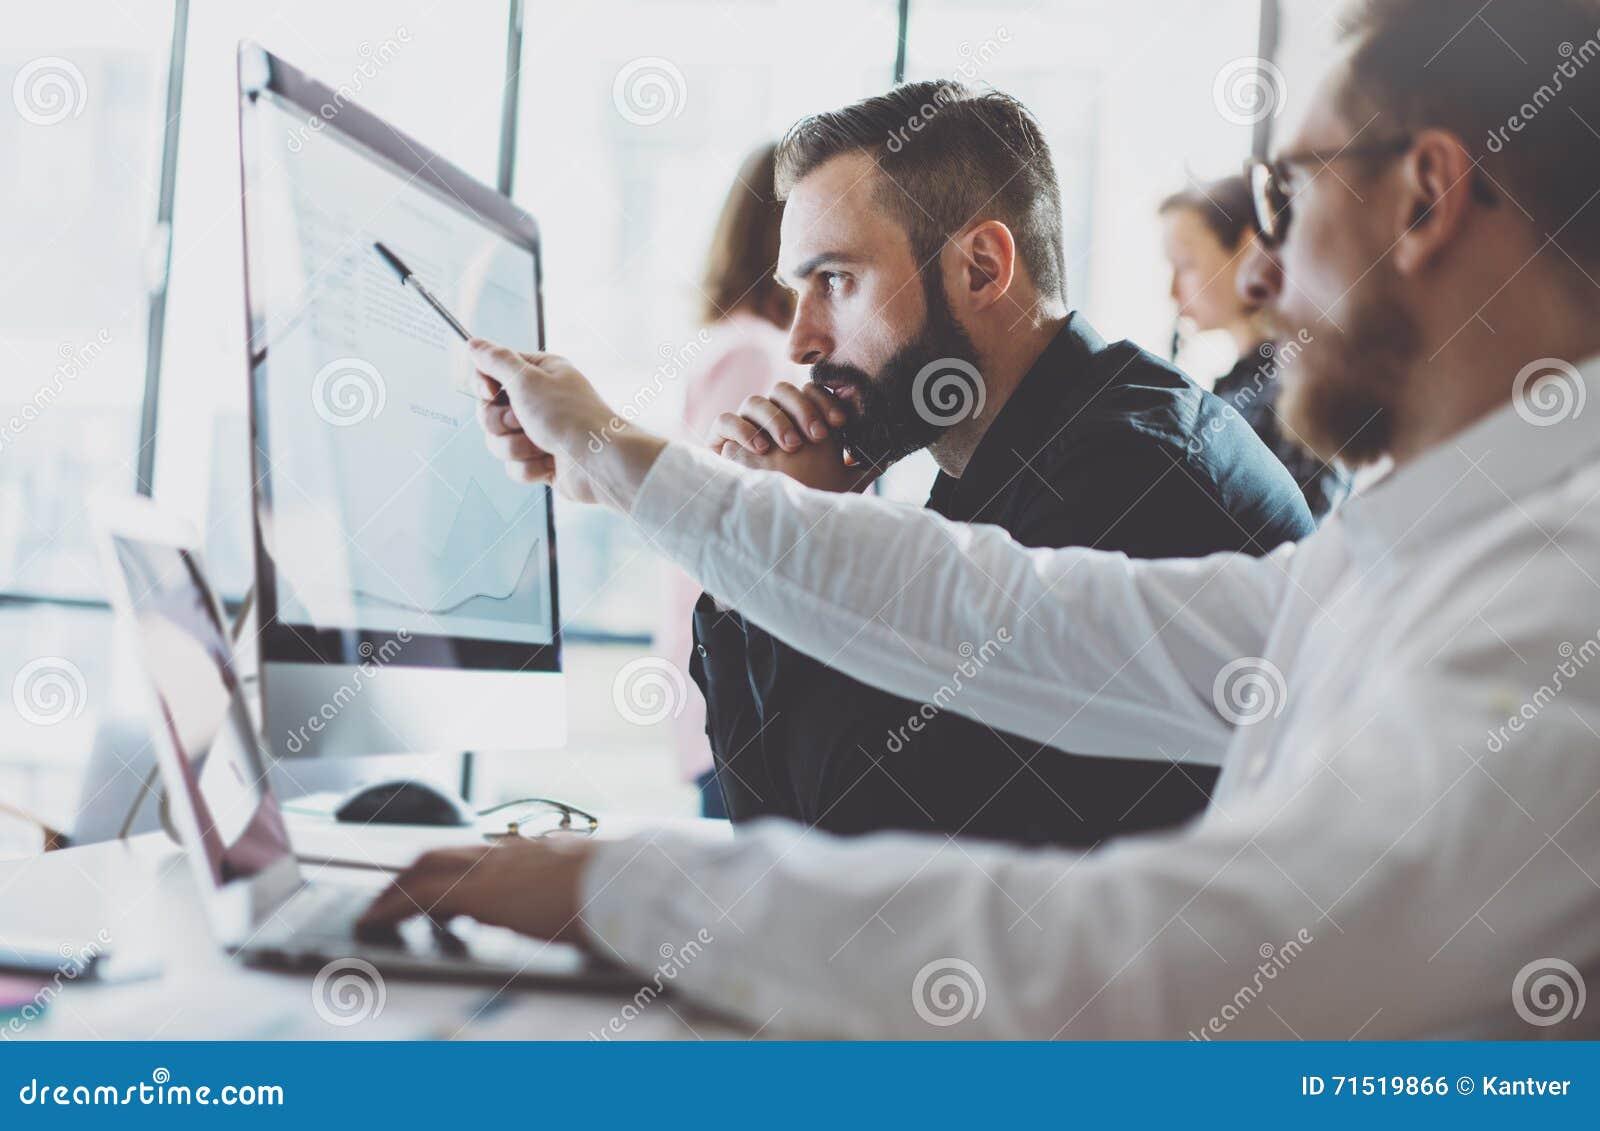 照片运作的过程 显示报告屏幕的财务商业经理 年轻企业乘员组与现代起始的项目一起使用